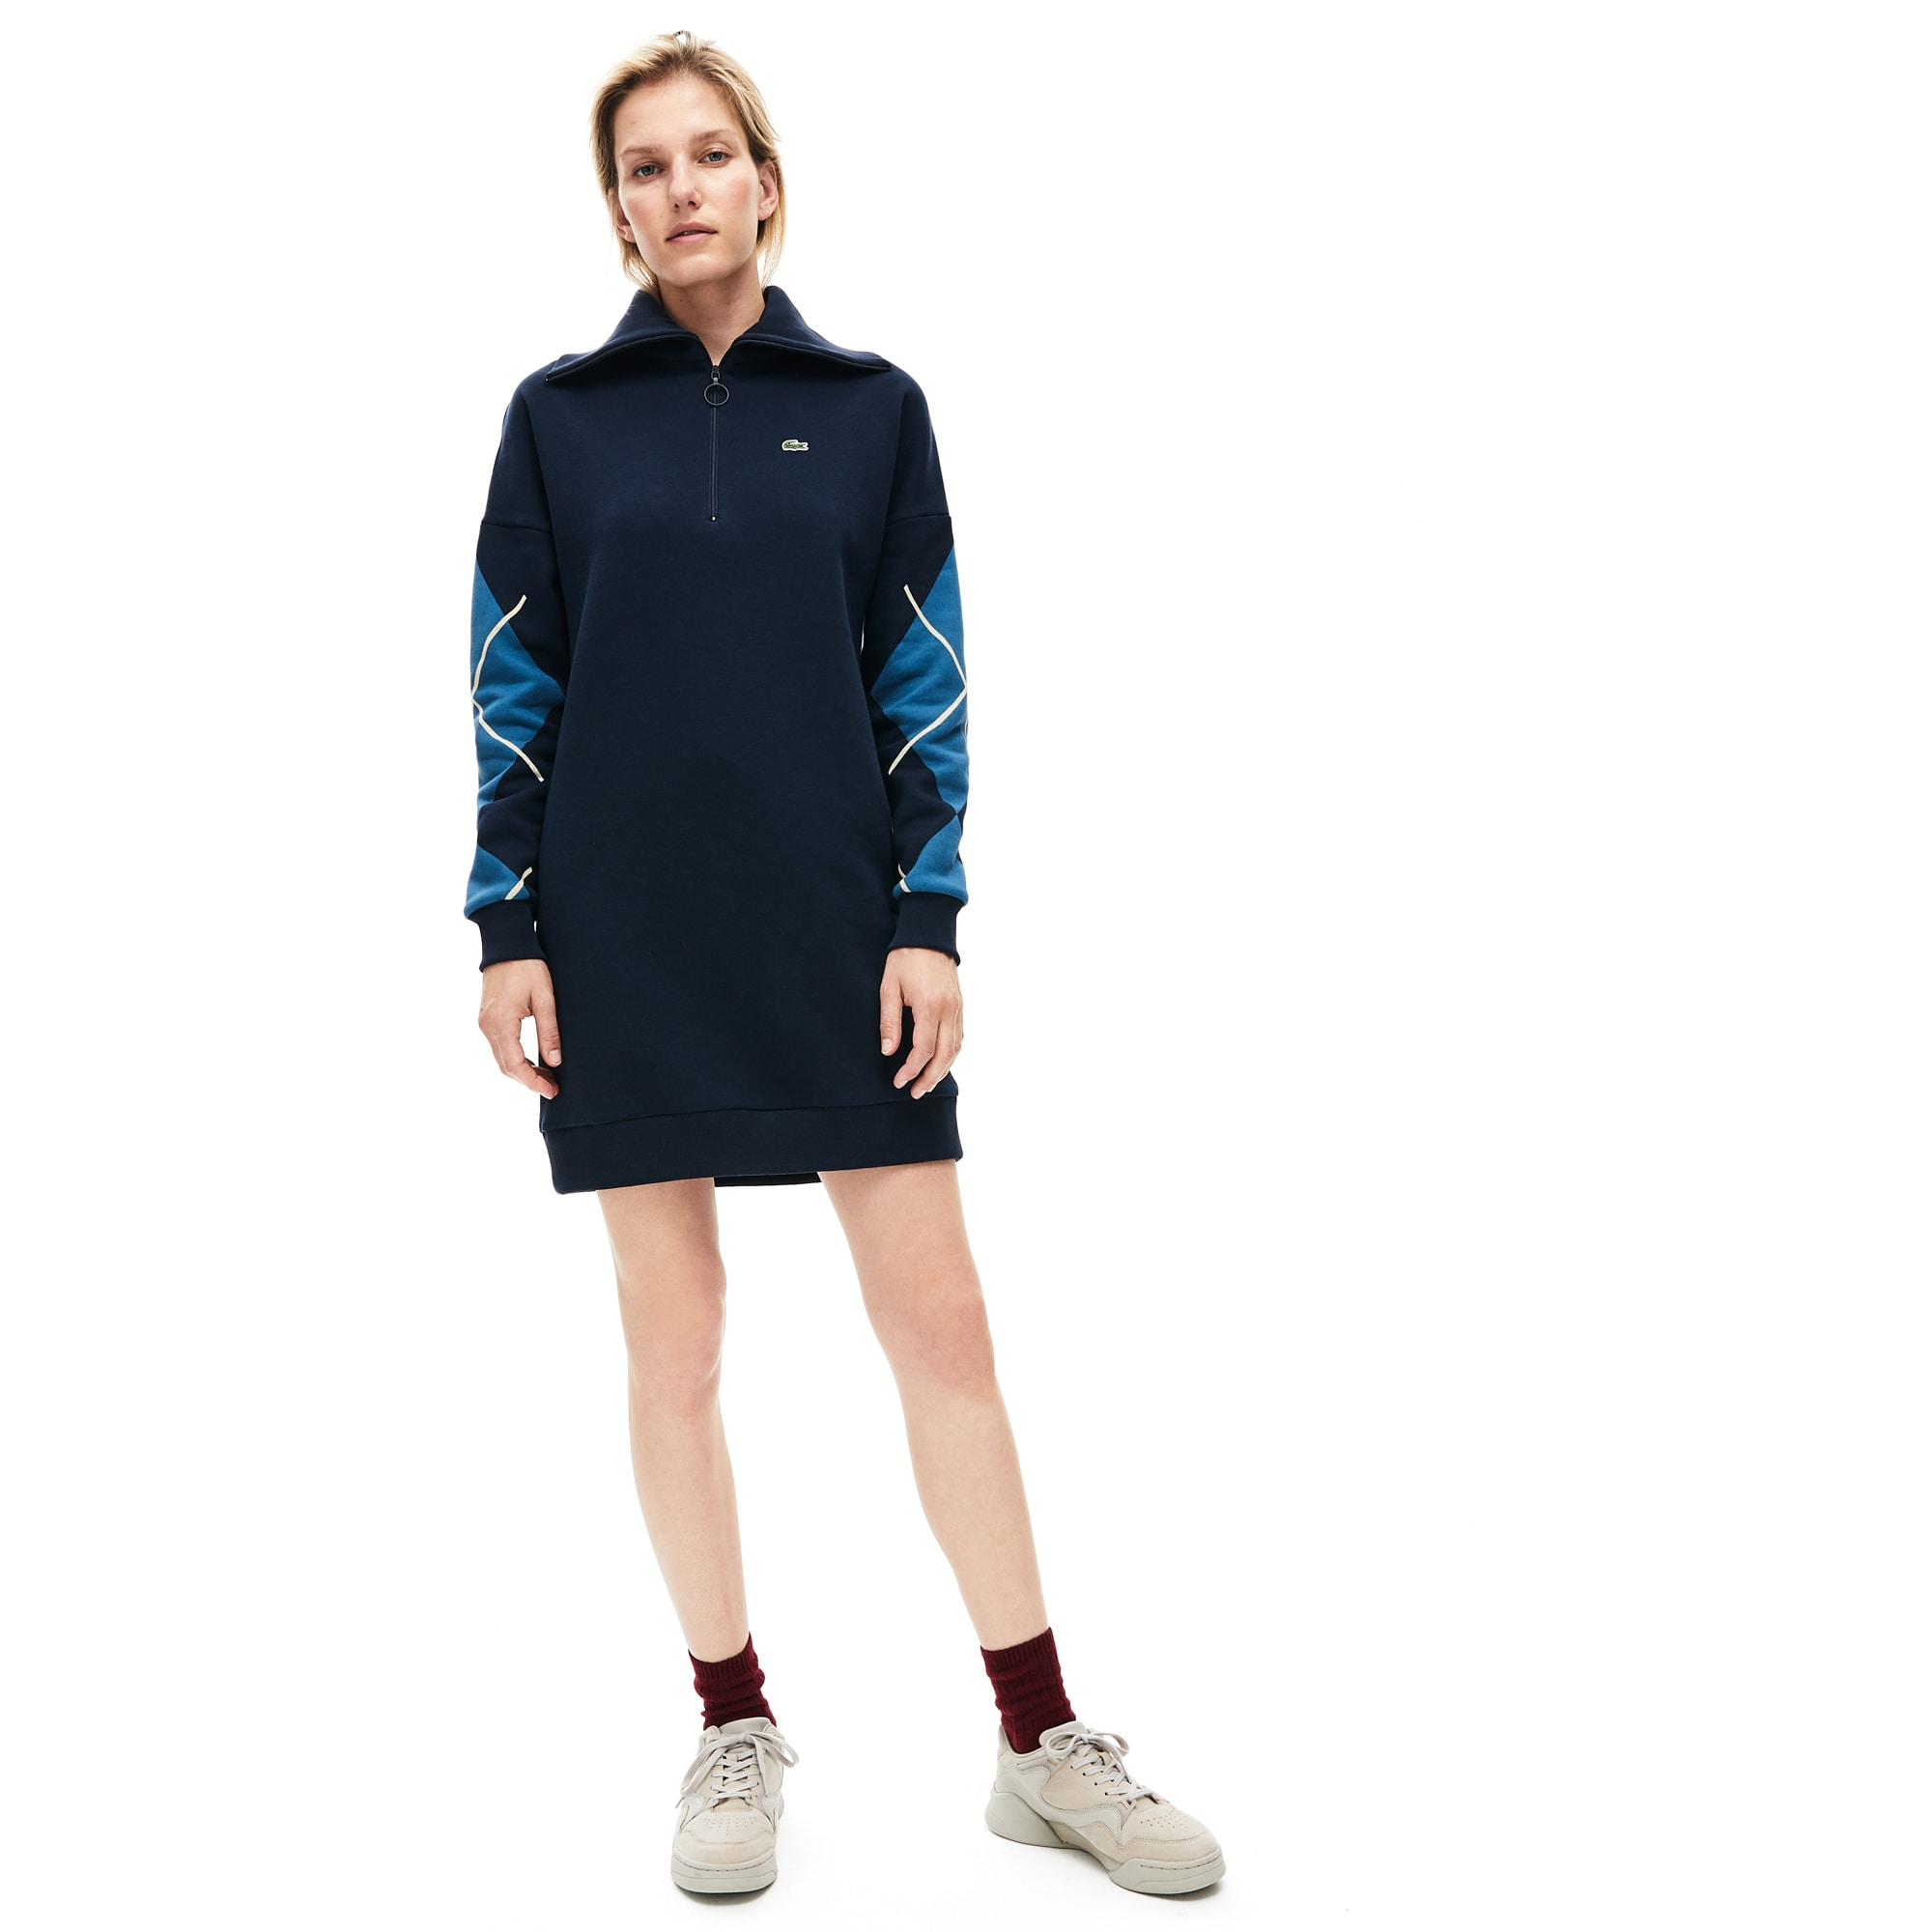 Lacoste Dresses Women's Made In France Jacquard Patterned Fleece Sweatshirt Dress